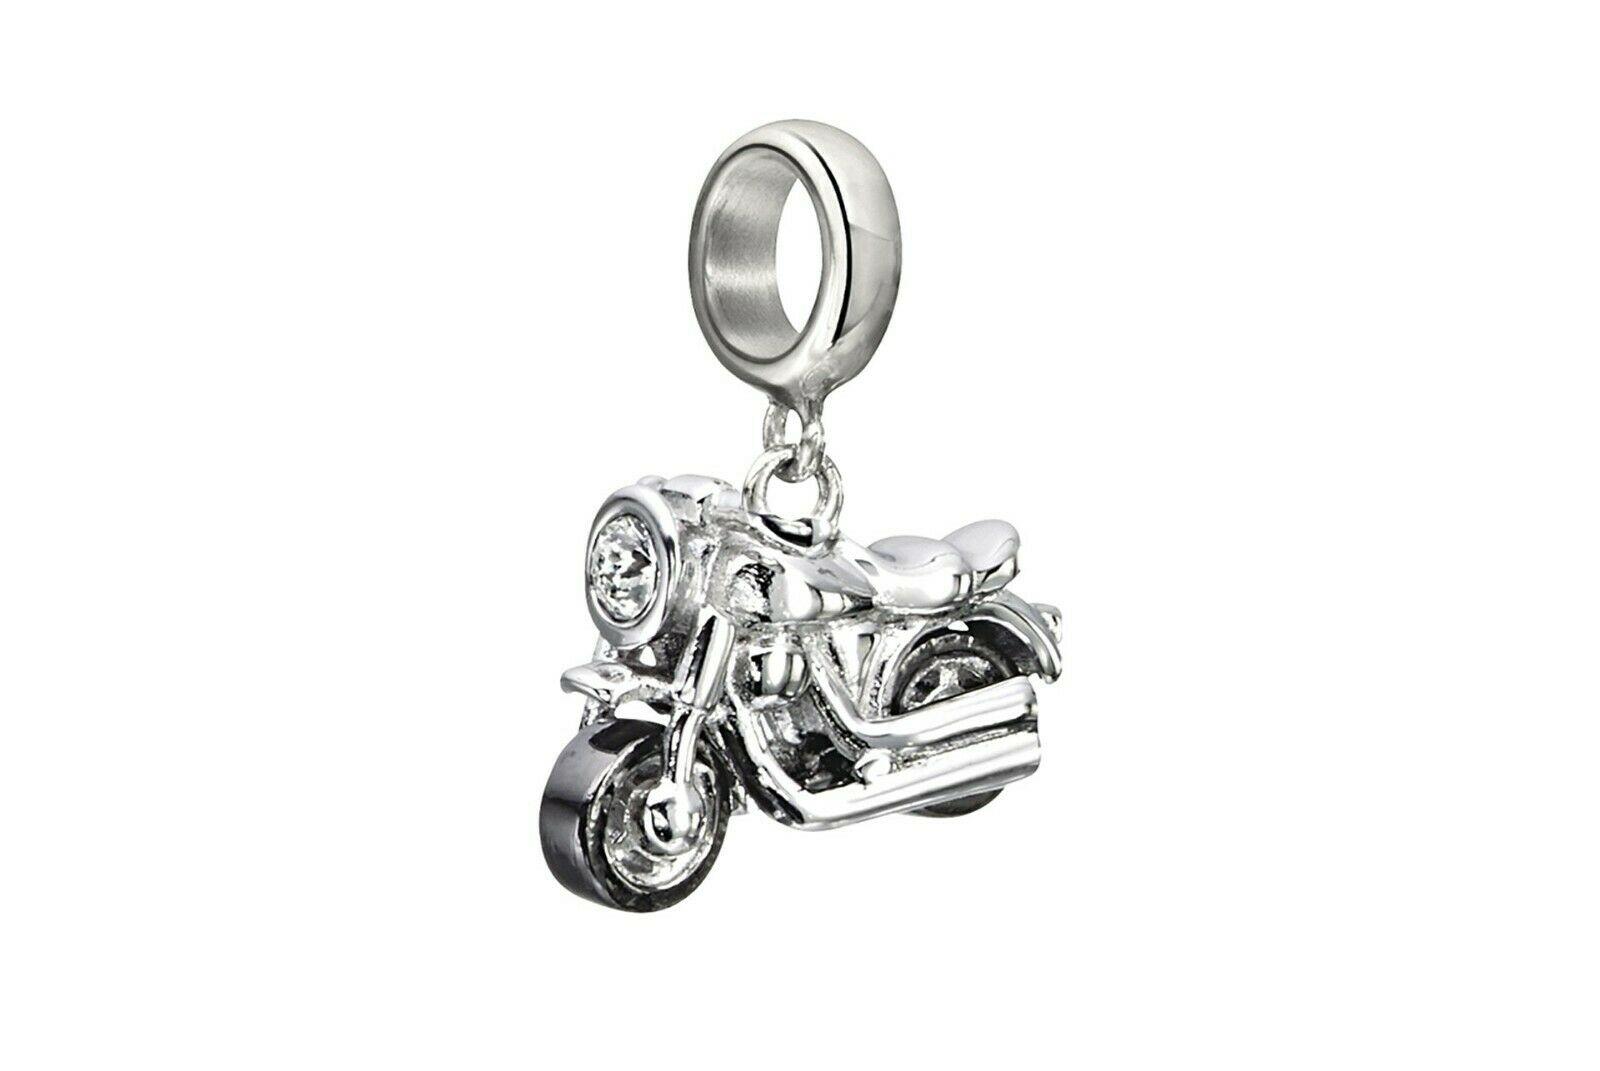 Chamilia Charm in argento 925 Motocicletta 2025-1147